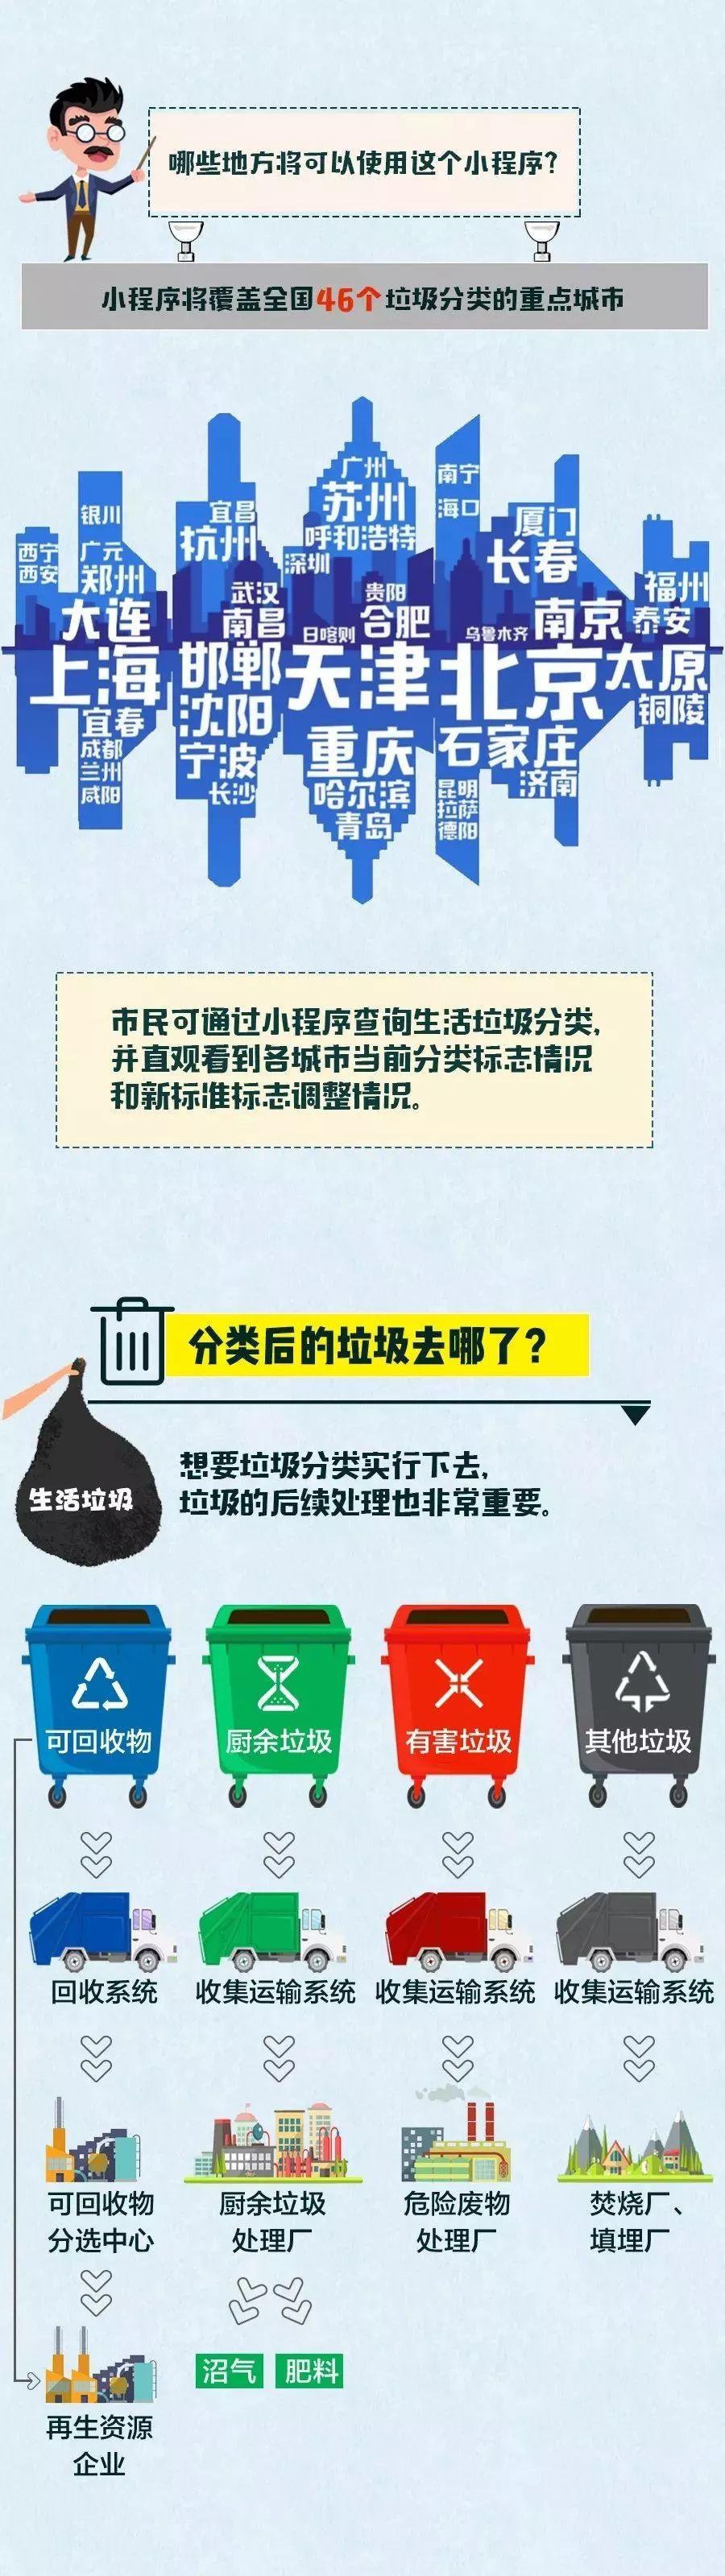 混着放是垃圾,分类就成了资源!垃圾分类的好处你知道吗?